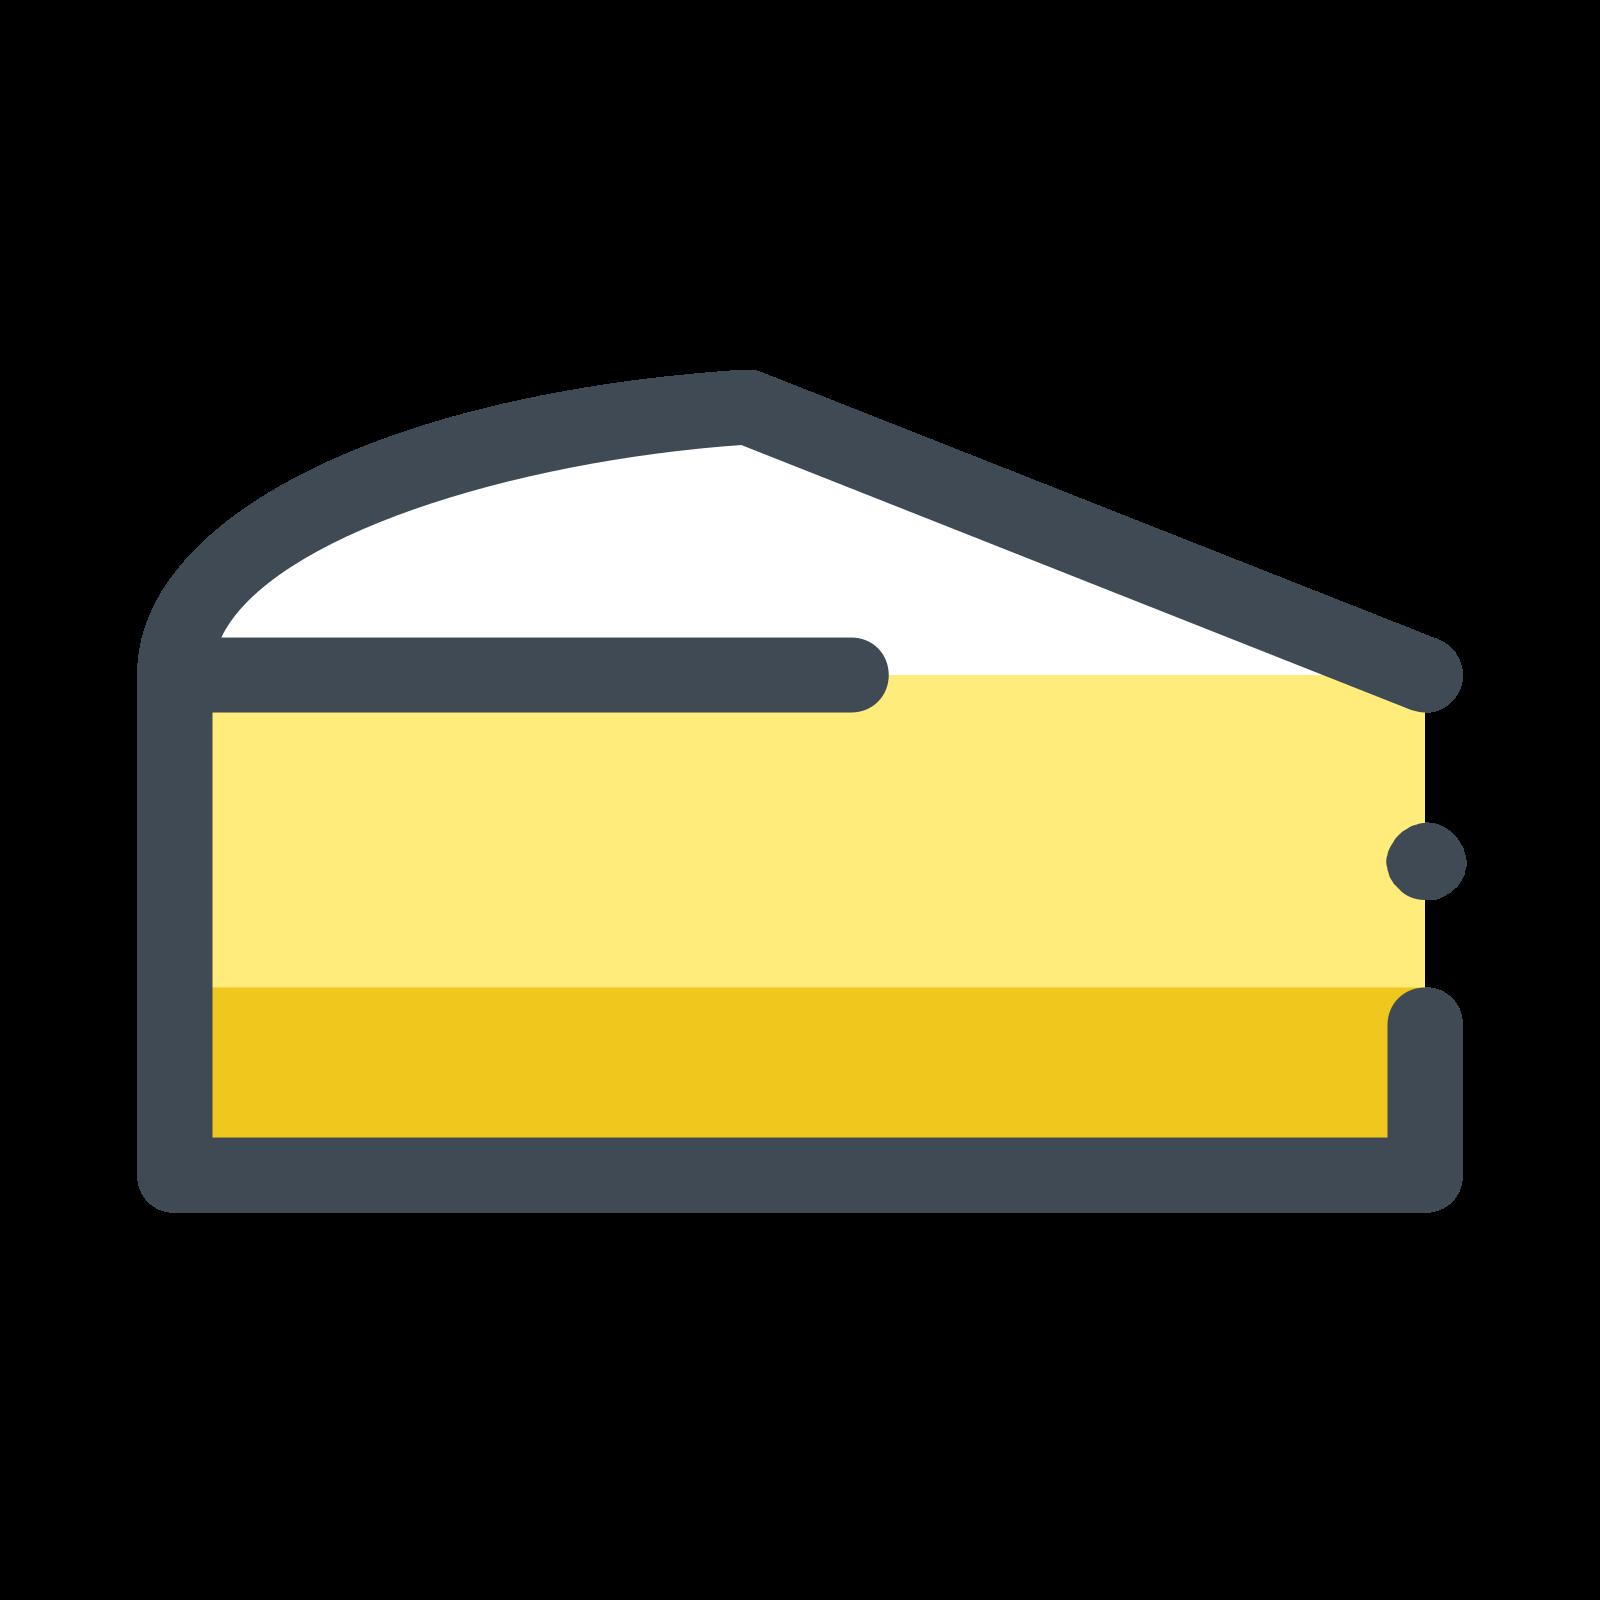 Kawałek ciasta cytrynowego icon